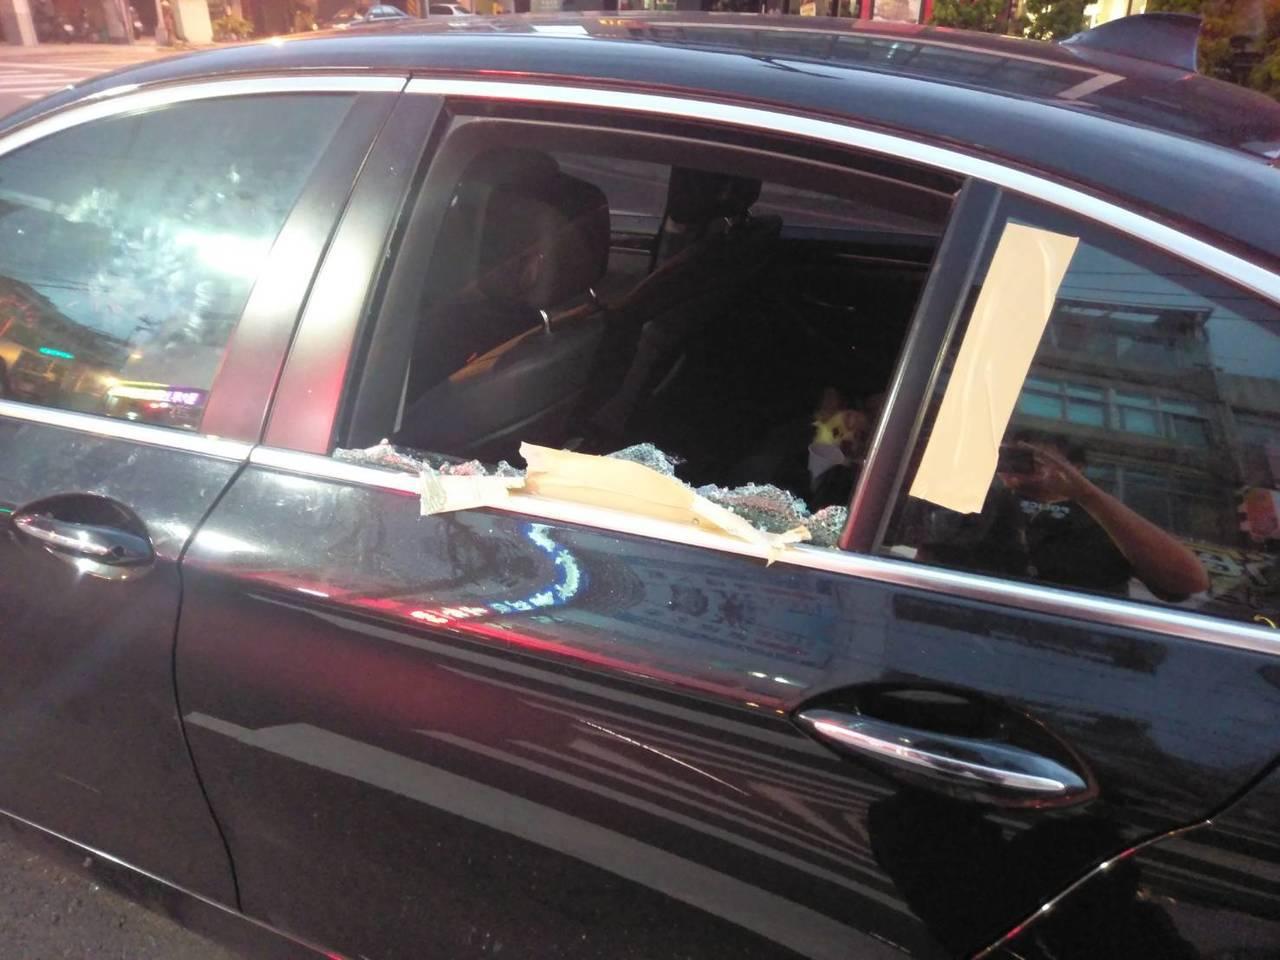 高雄市警察局鳳山分局員警巡邏,接獲通知指光遠路與經武路口有車輛停在路中許久未動。...